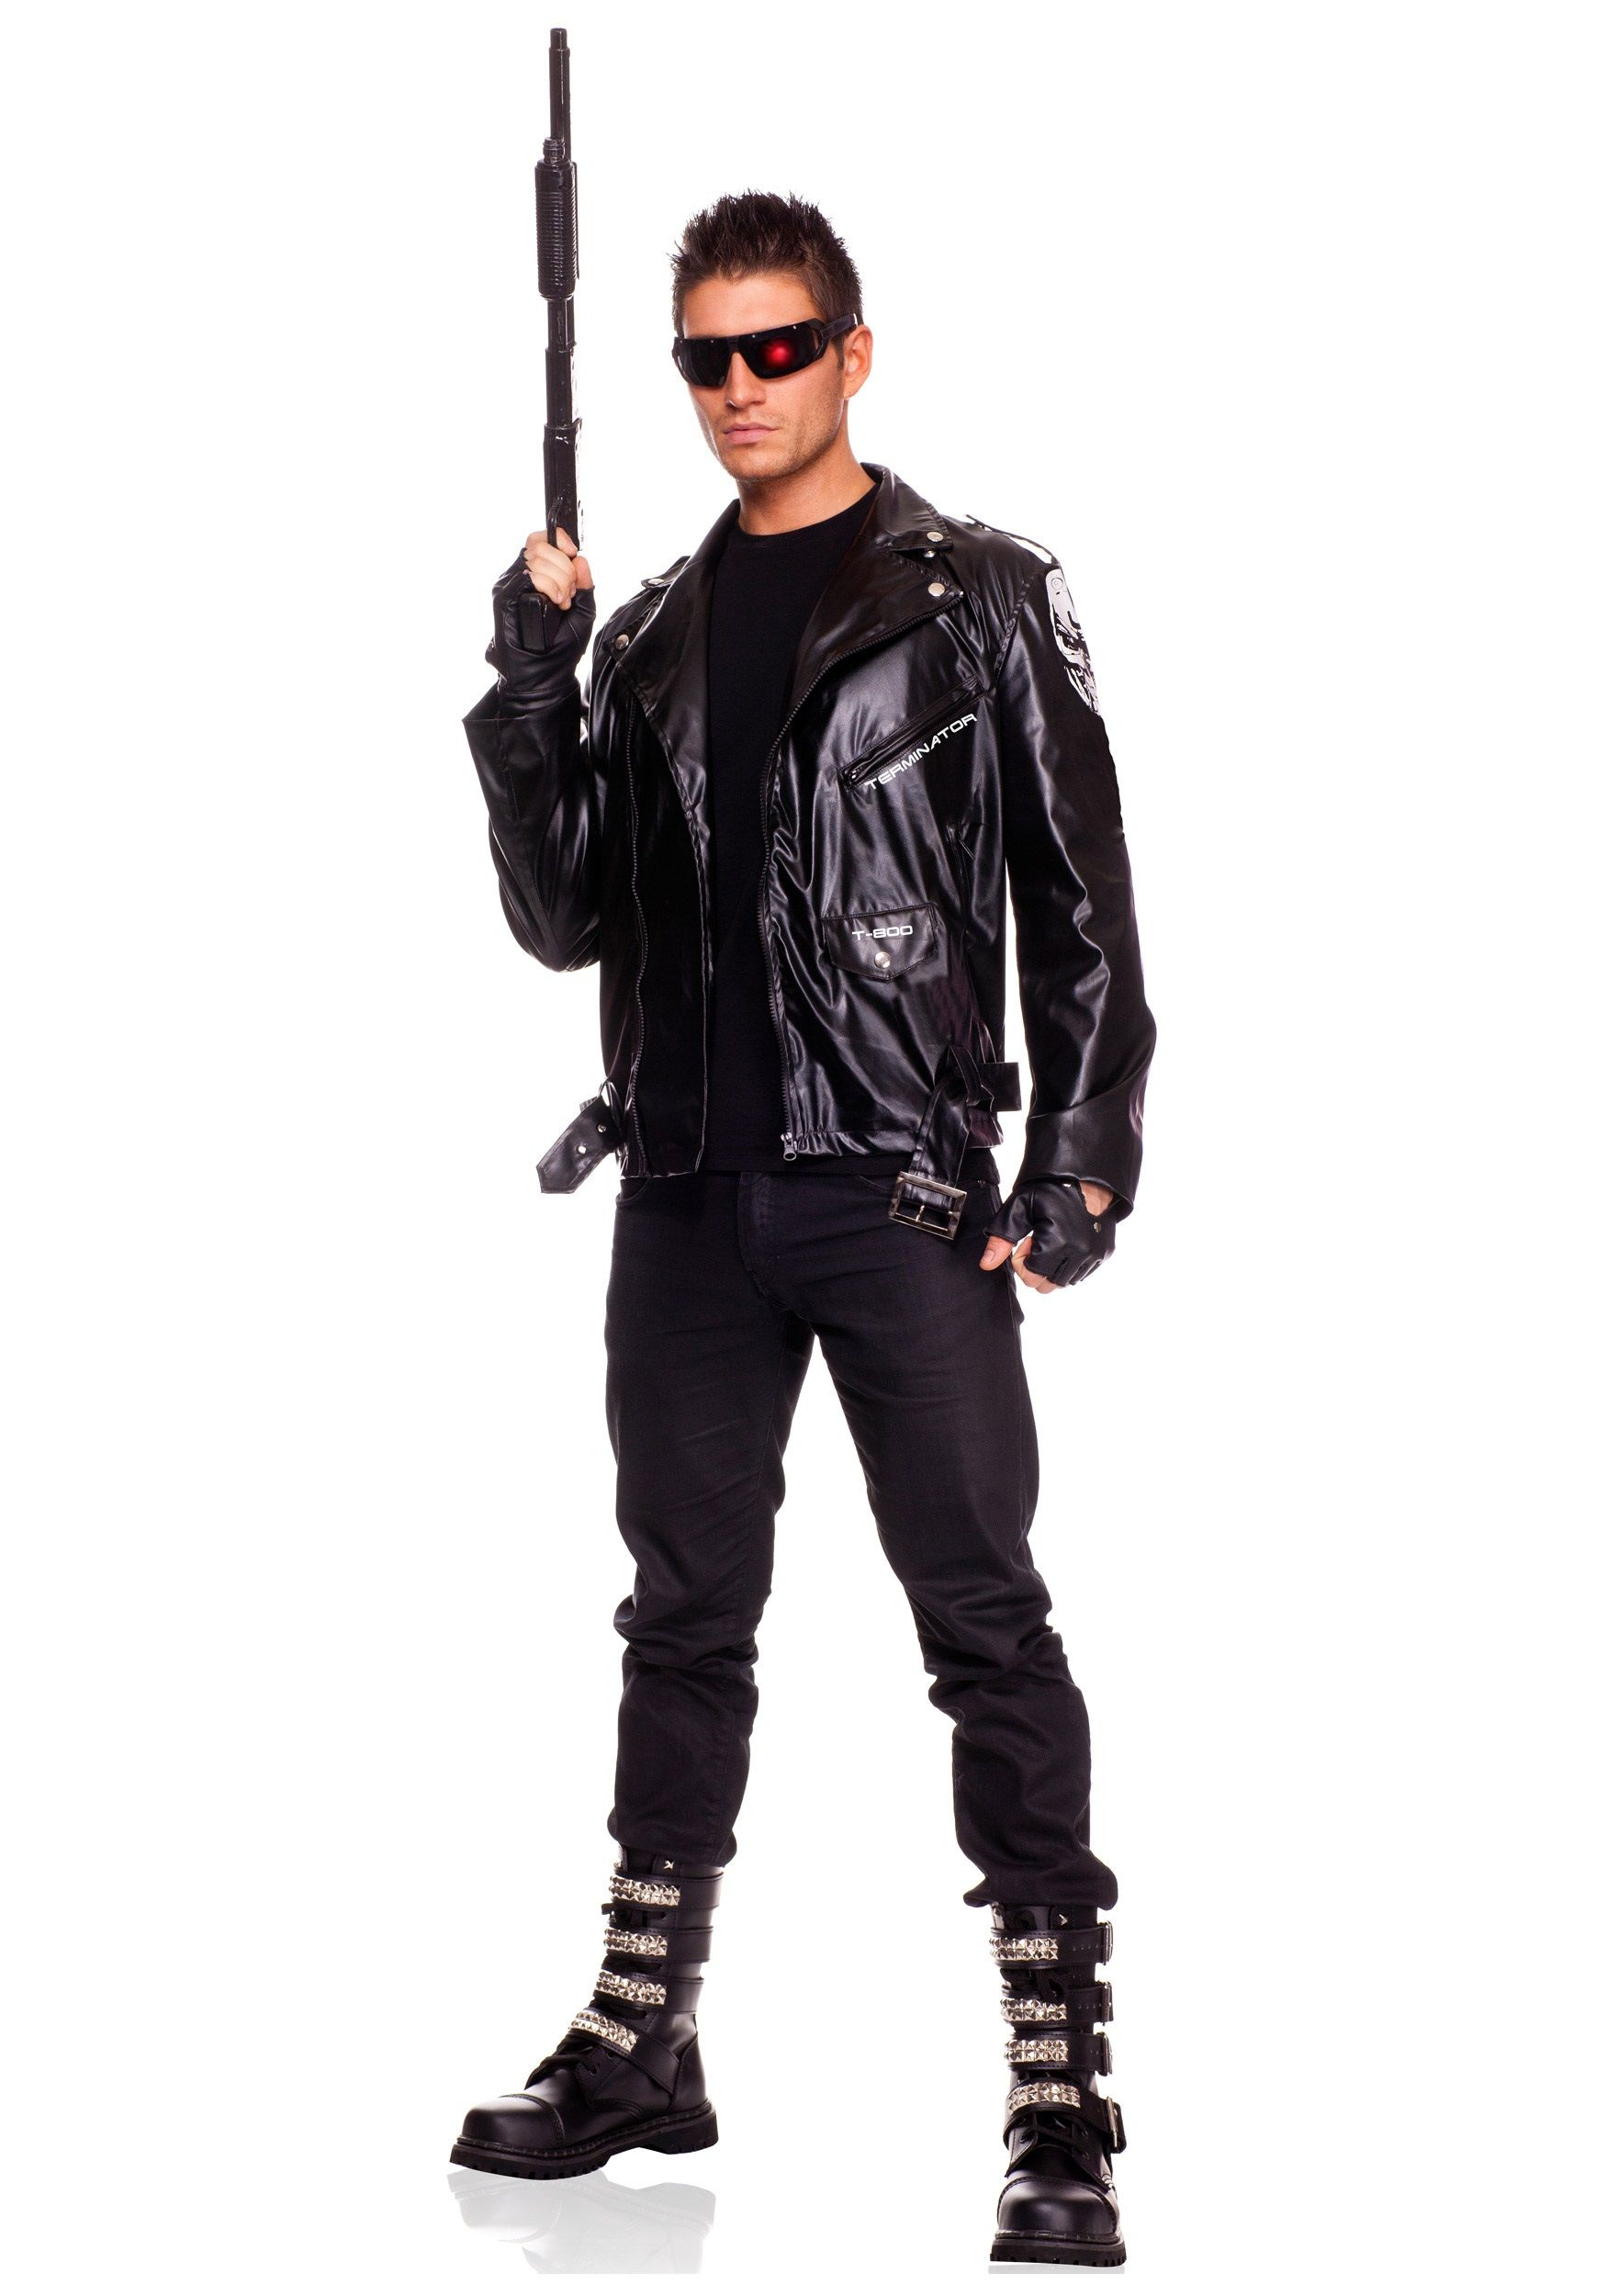 terminator | costumes | pinterest | costumes, terminator costume and